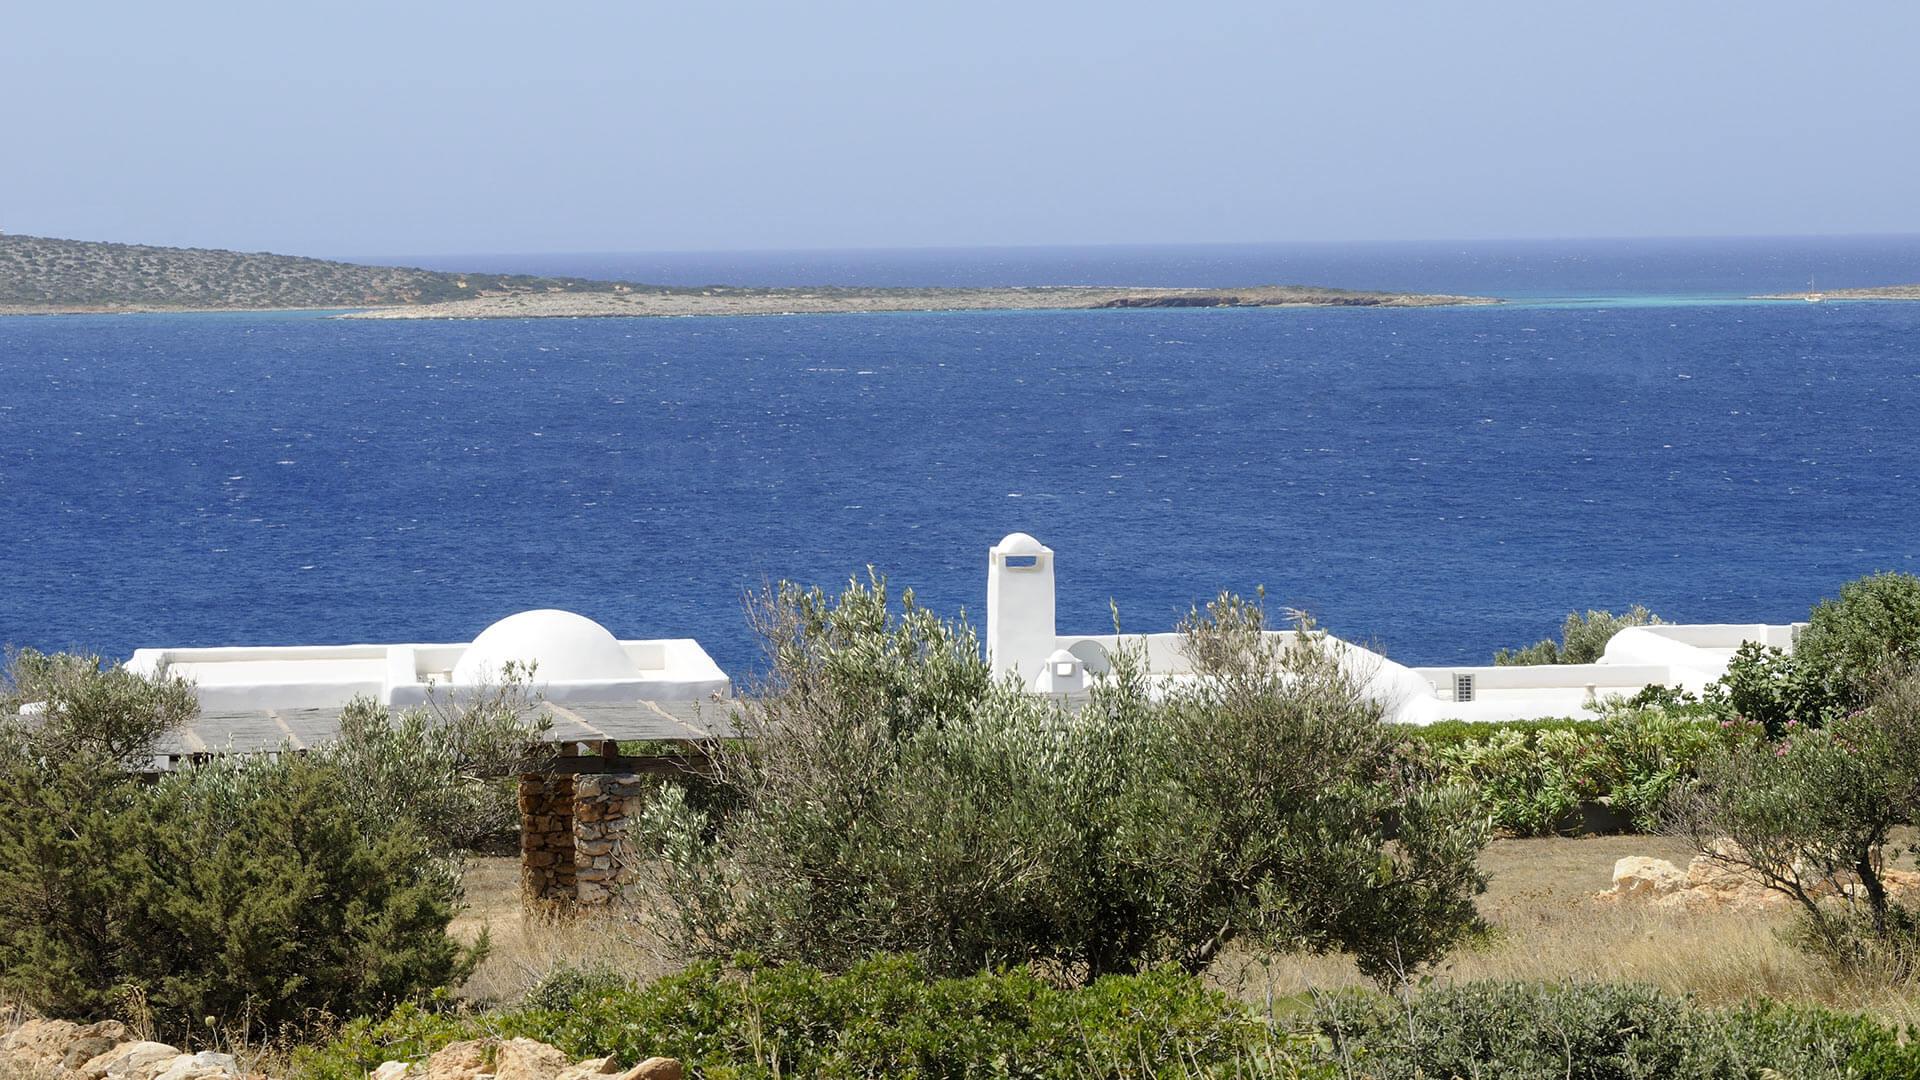 Villa Villa Myths, Rental in Cyclades - Other islands